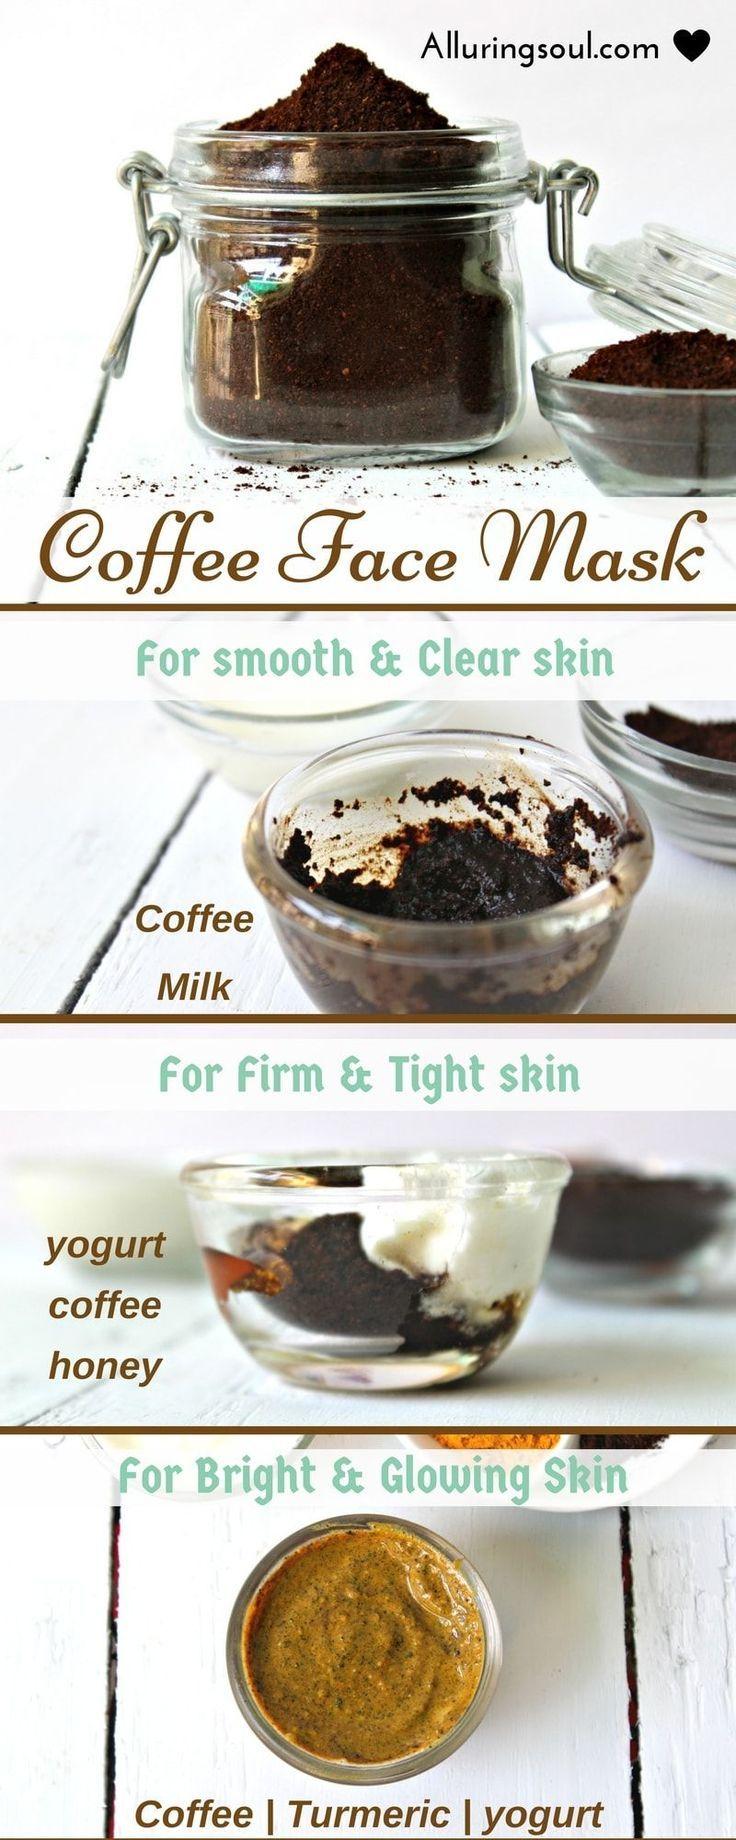 3 Kaffee Gesichtsmaske für natürlich klare und schöne Haut – Niedliche Nail Designs